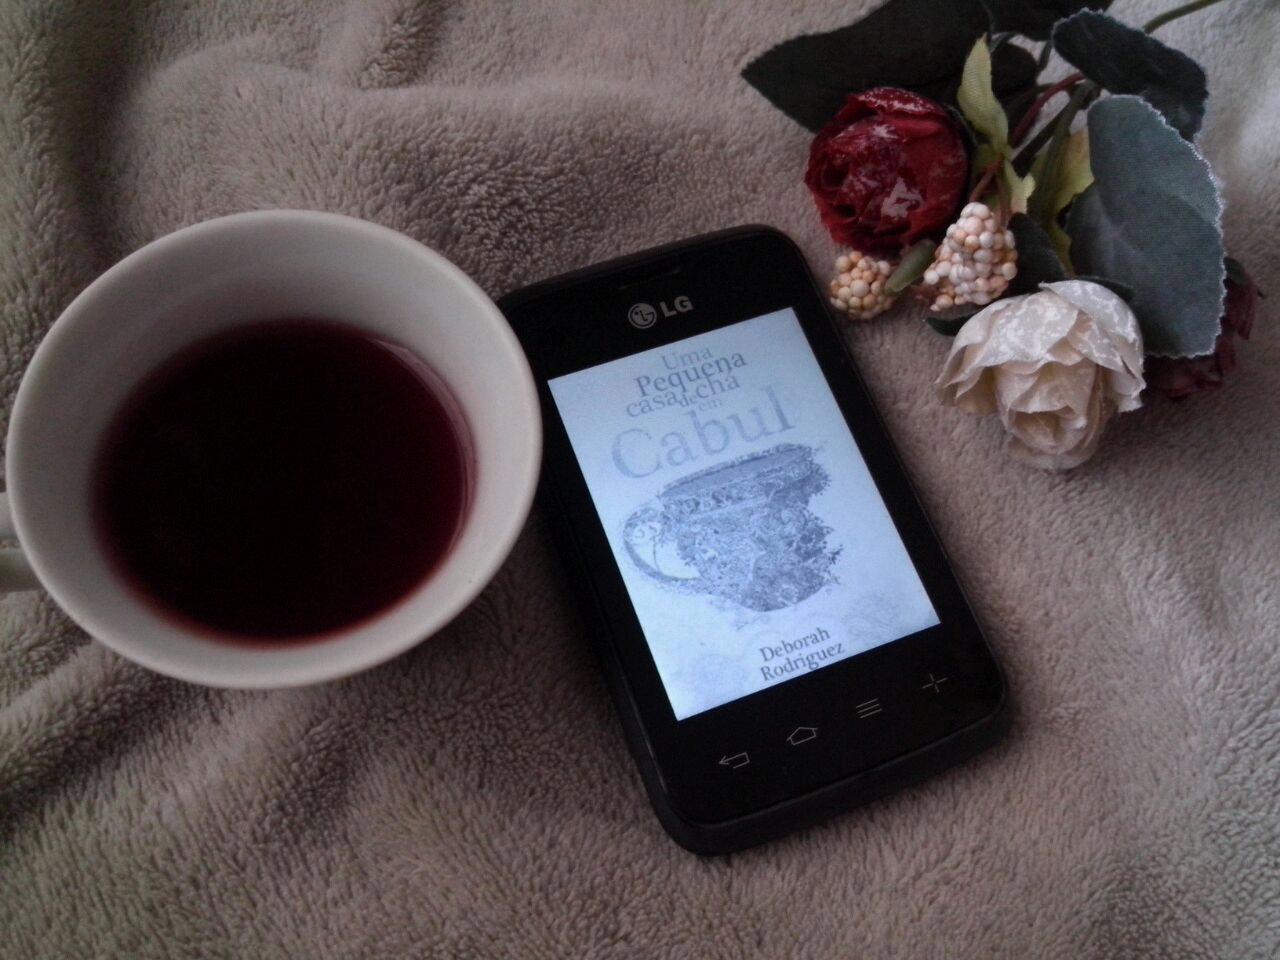 Uma pequena casa de chá em Cabul